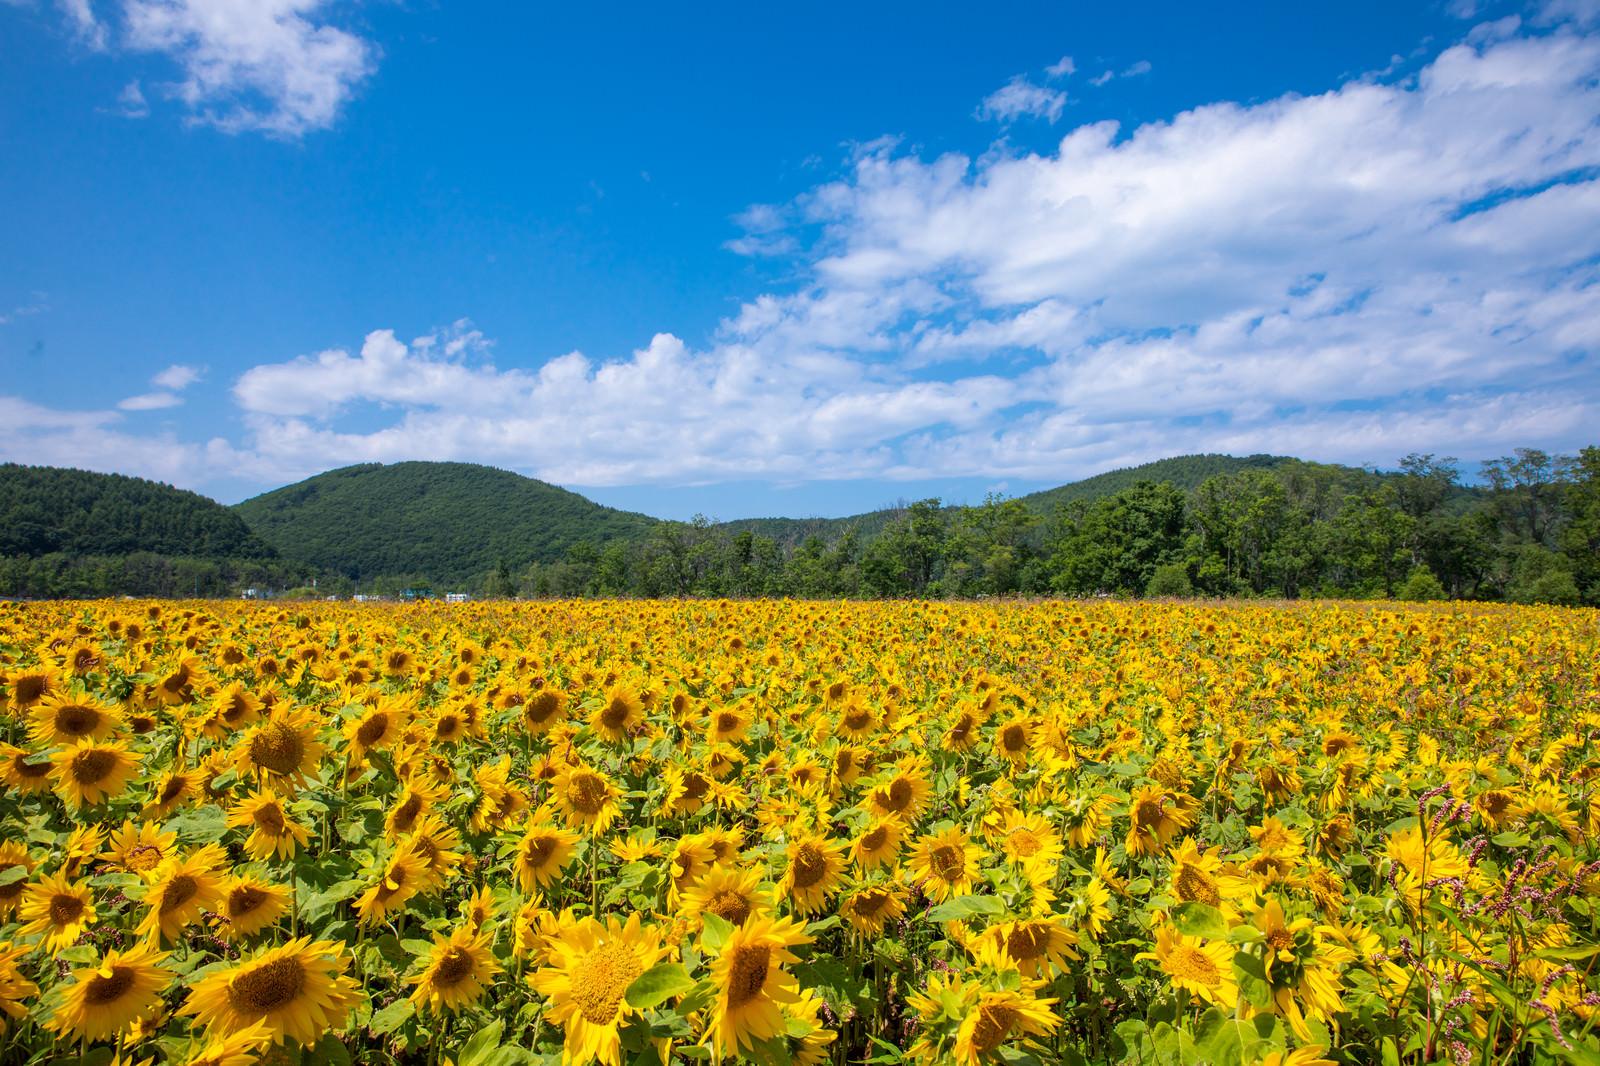 「辺り一面の向日葵畑 | 写真の無料素材・フリー素材 - ぱくたそ」の写真